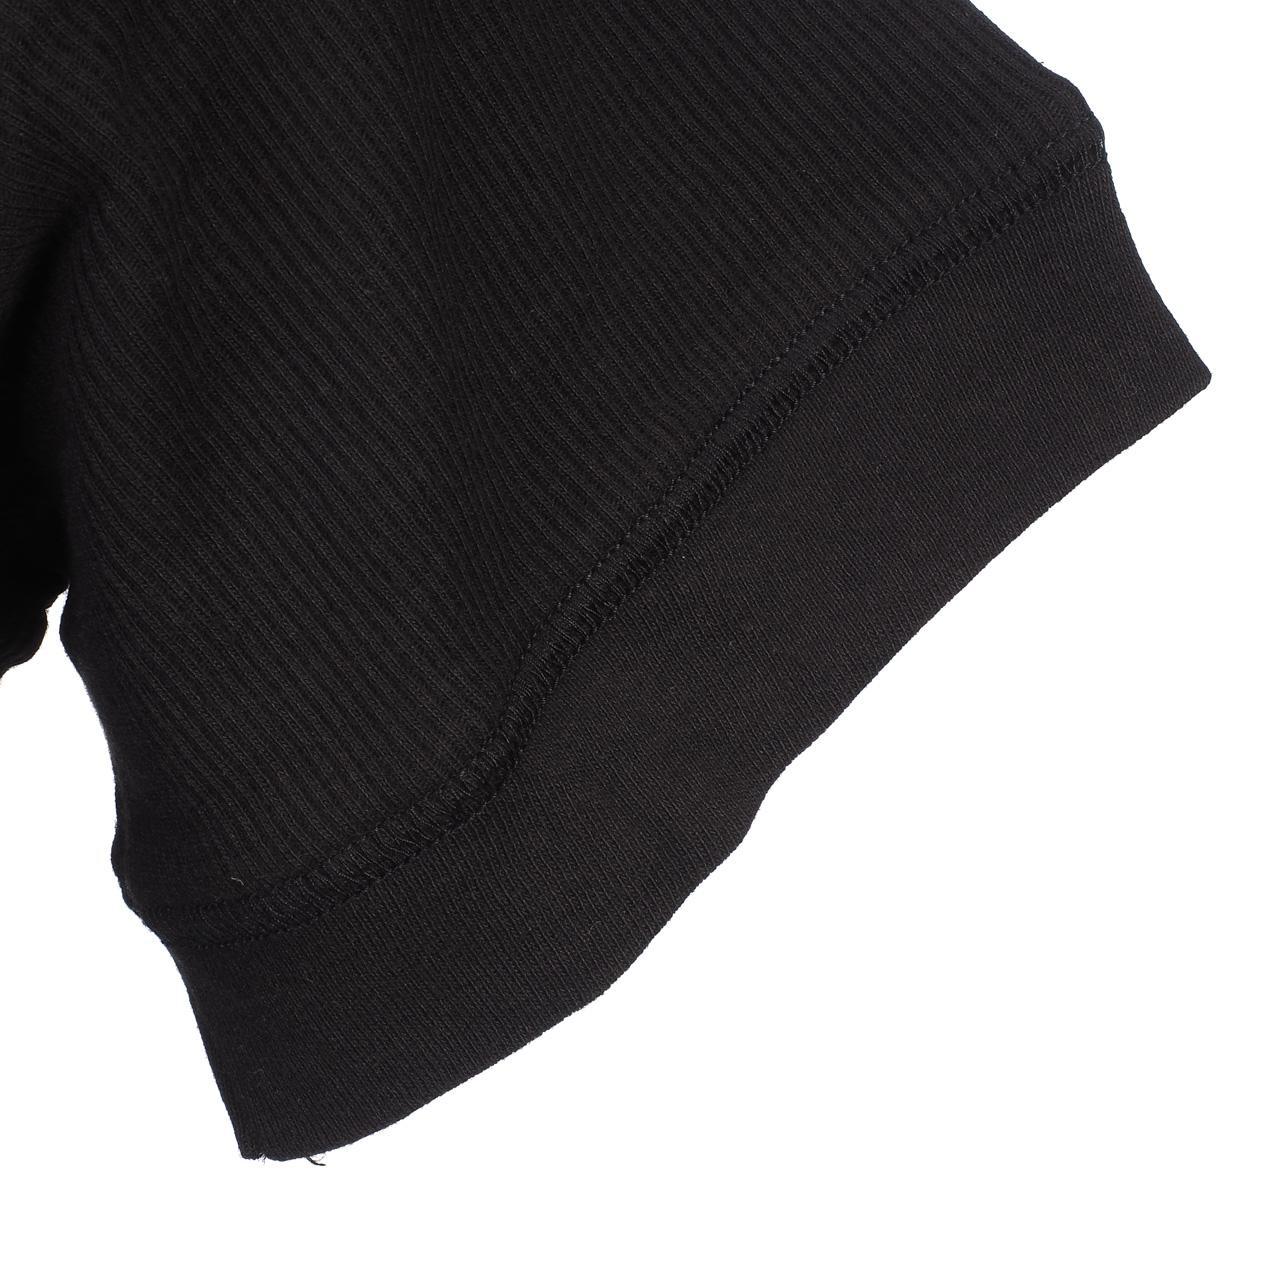 Short-Levis-Henley-Jet-Black-Mc-Tee-Black-16942-New thumbnail 3